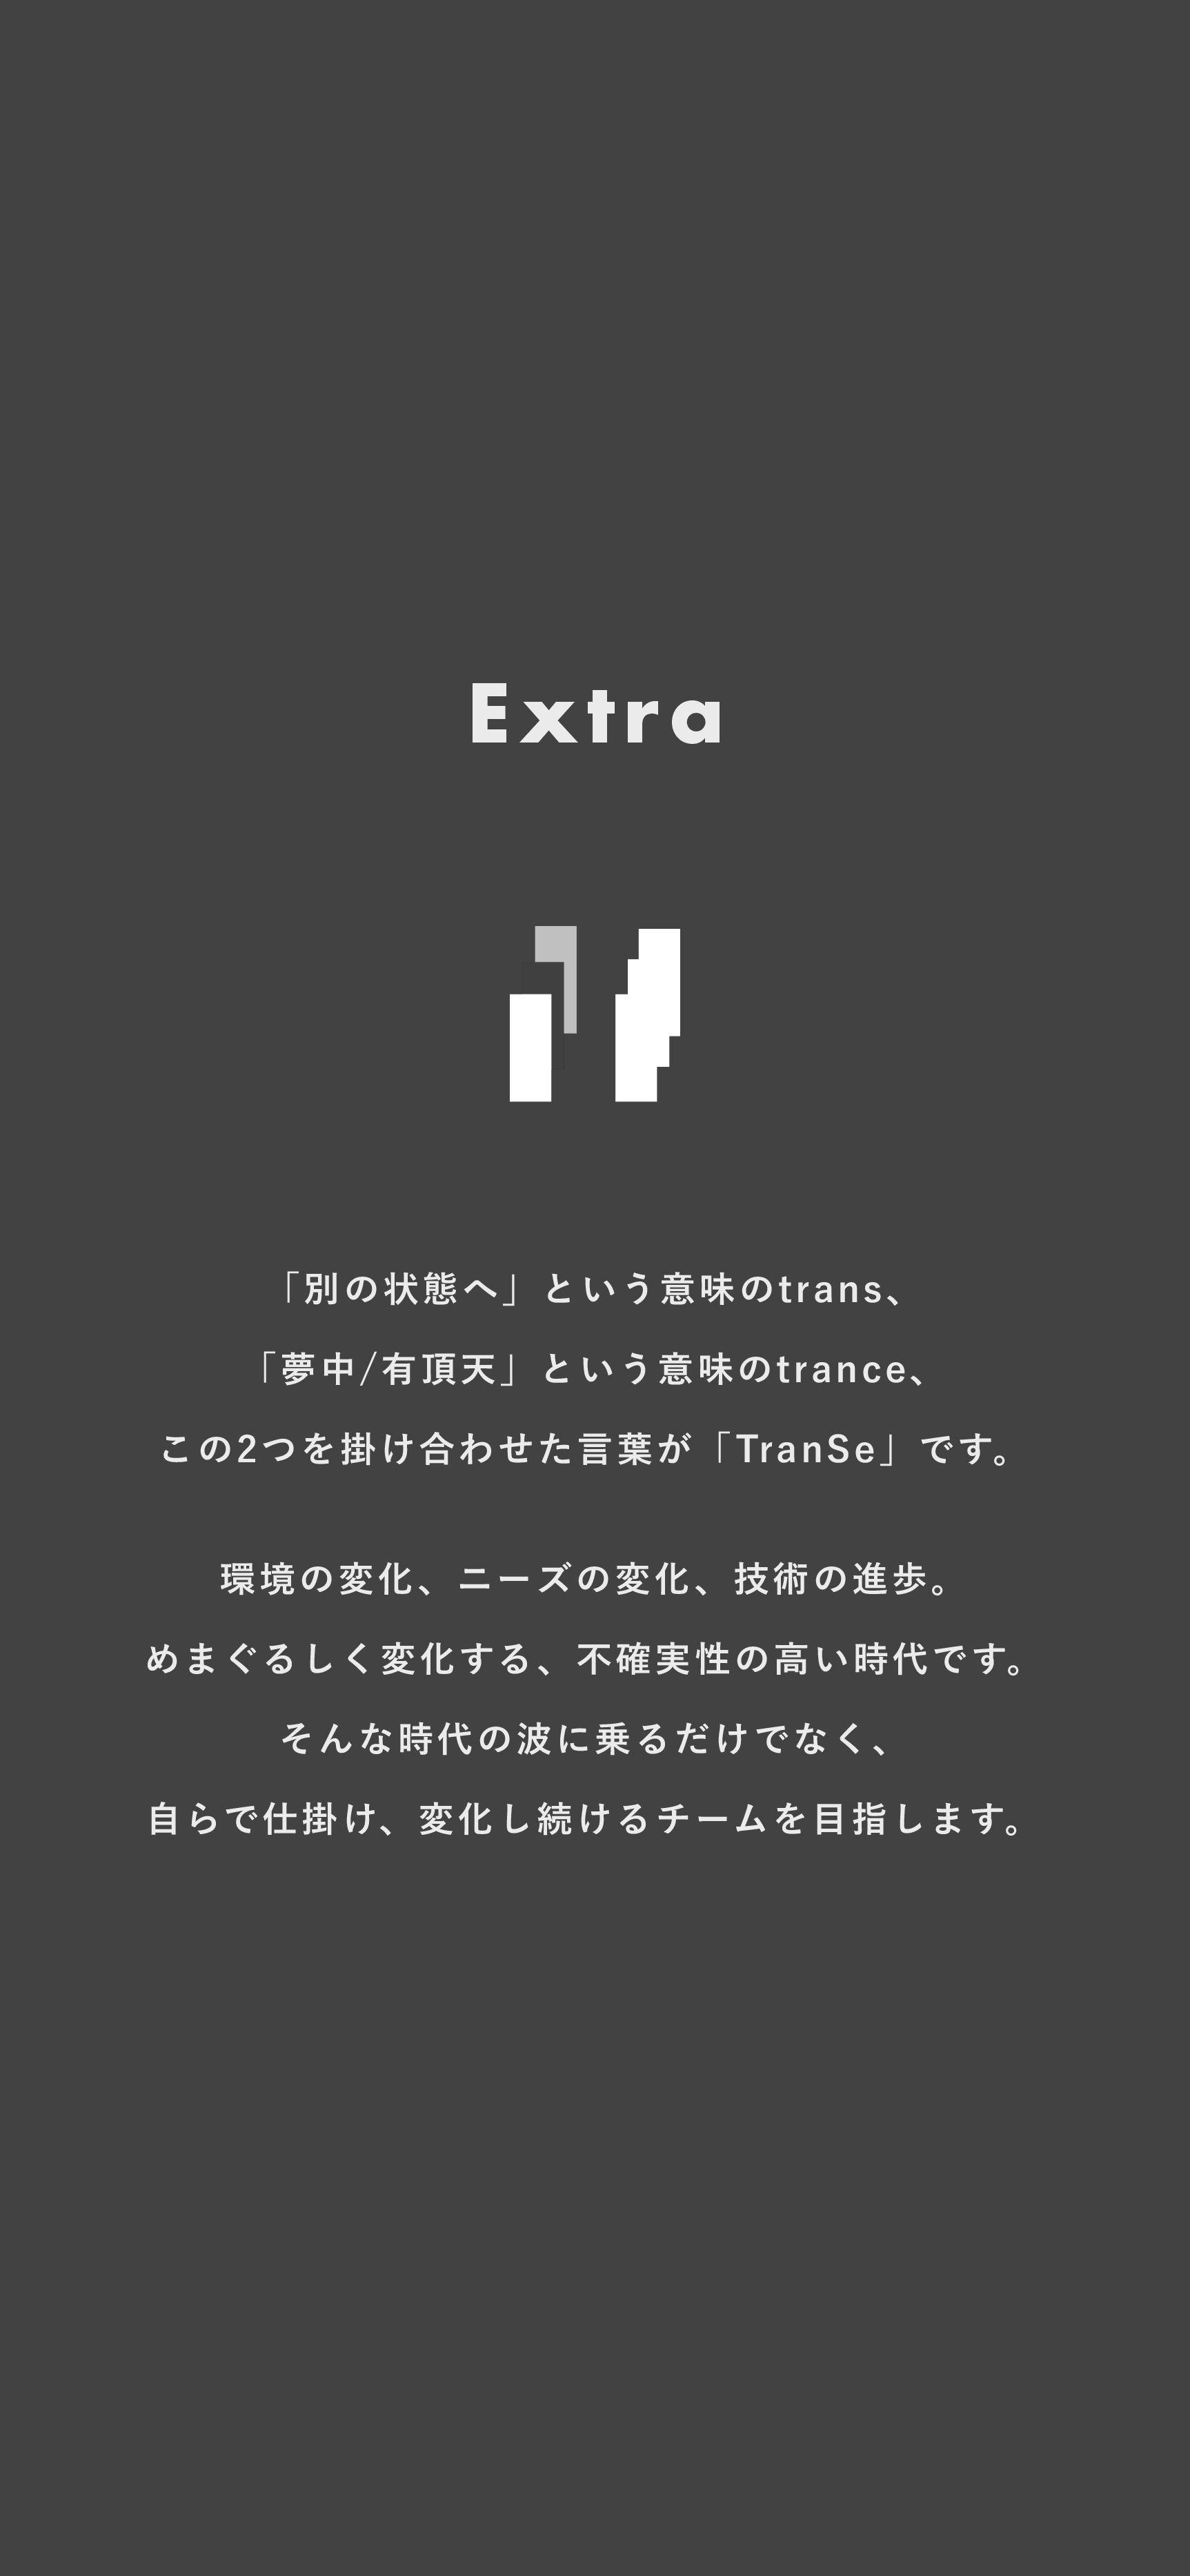 Extra ʮผͷঢ়ଶʯͱ͍͏ҙຯͷUSBOTɺ ͜ͷͭΛֻ͚߹Θͤͨݴ༿͕ʮ5SBO4F...